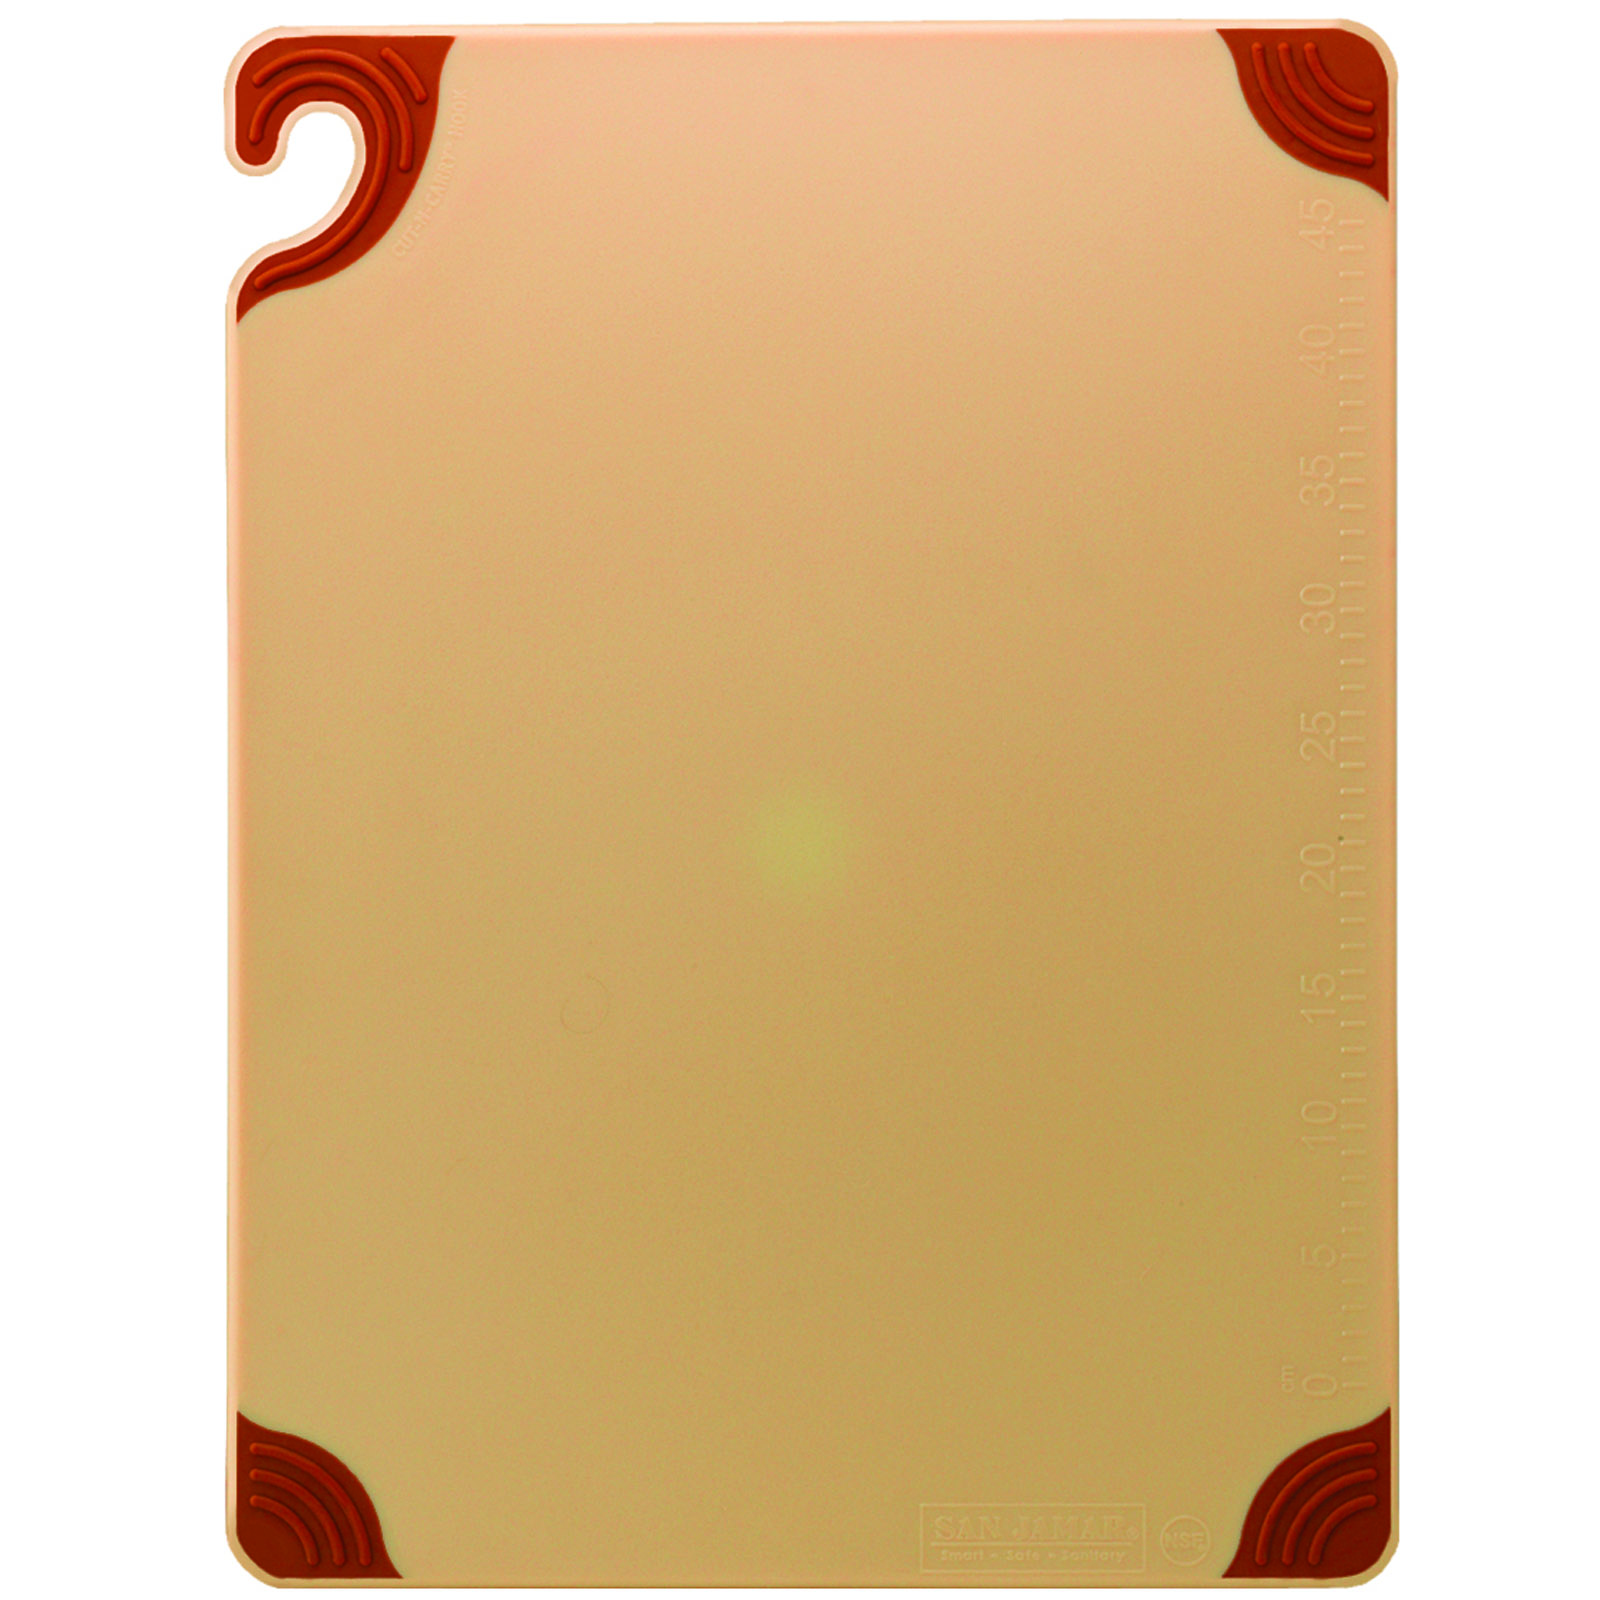 San Jamar CBG182412BR cutting board, plastic